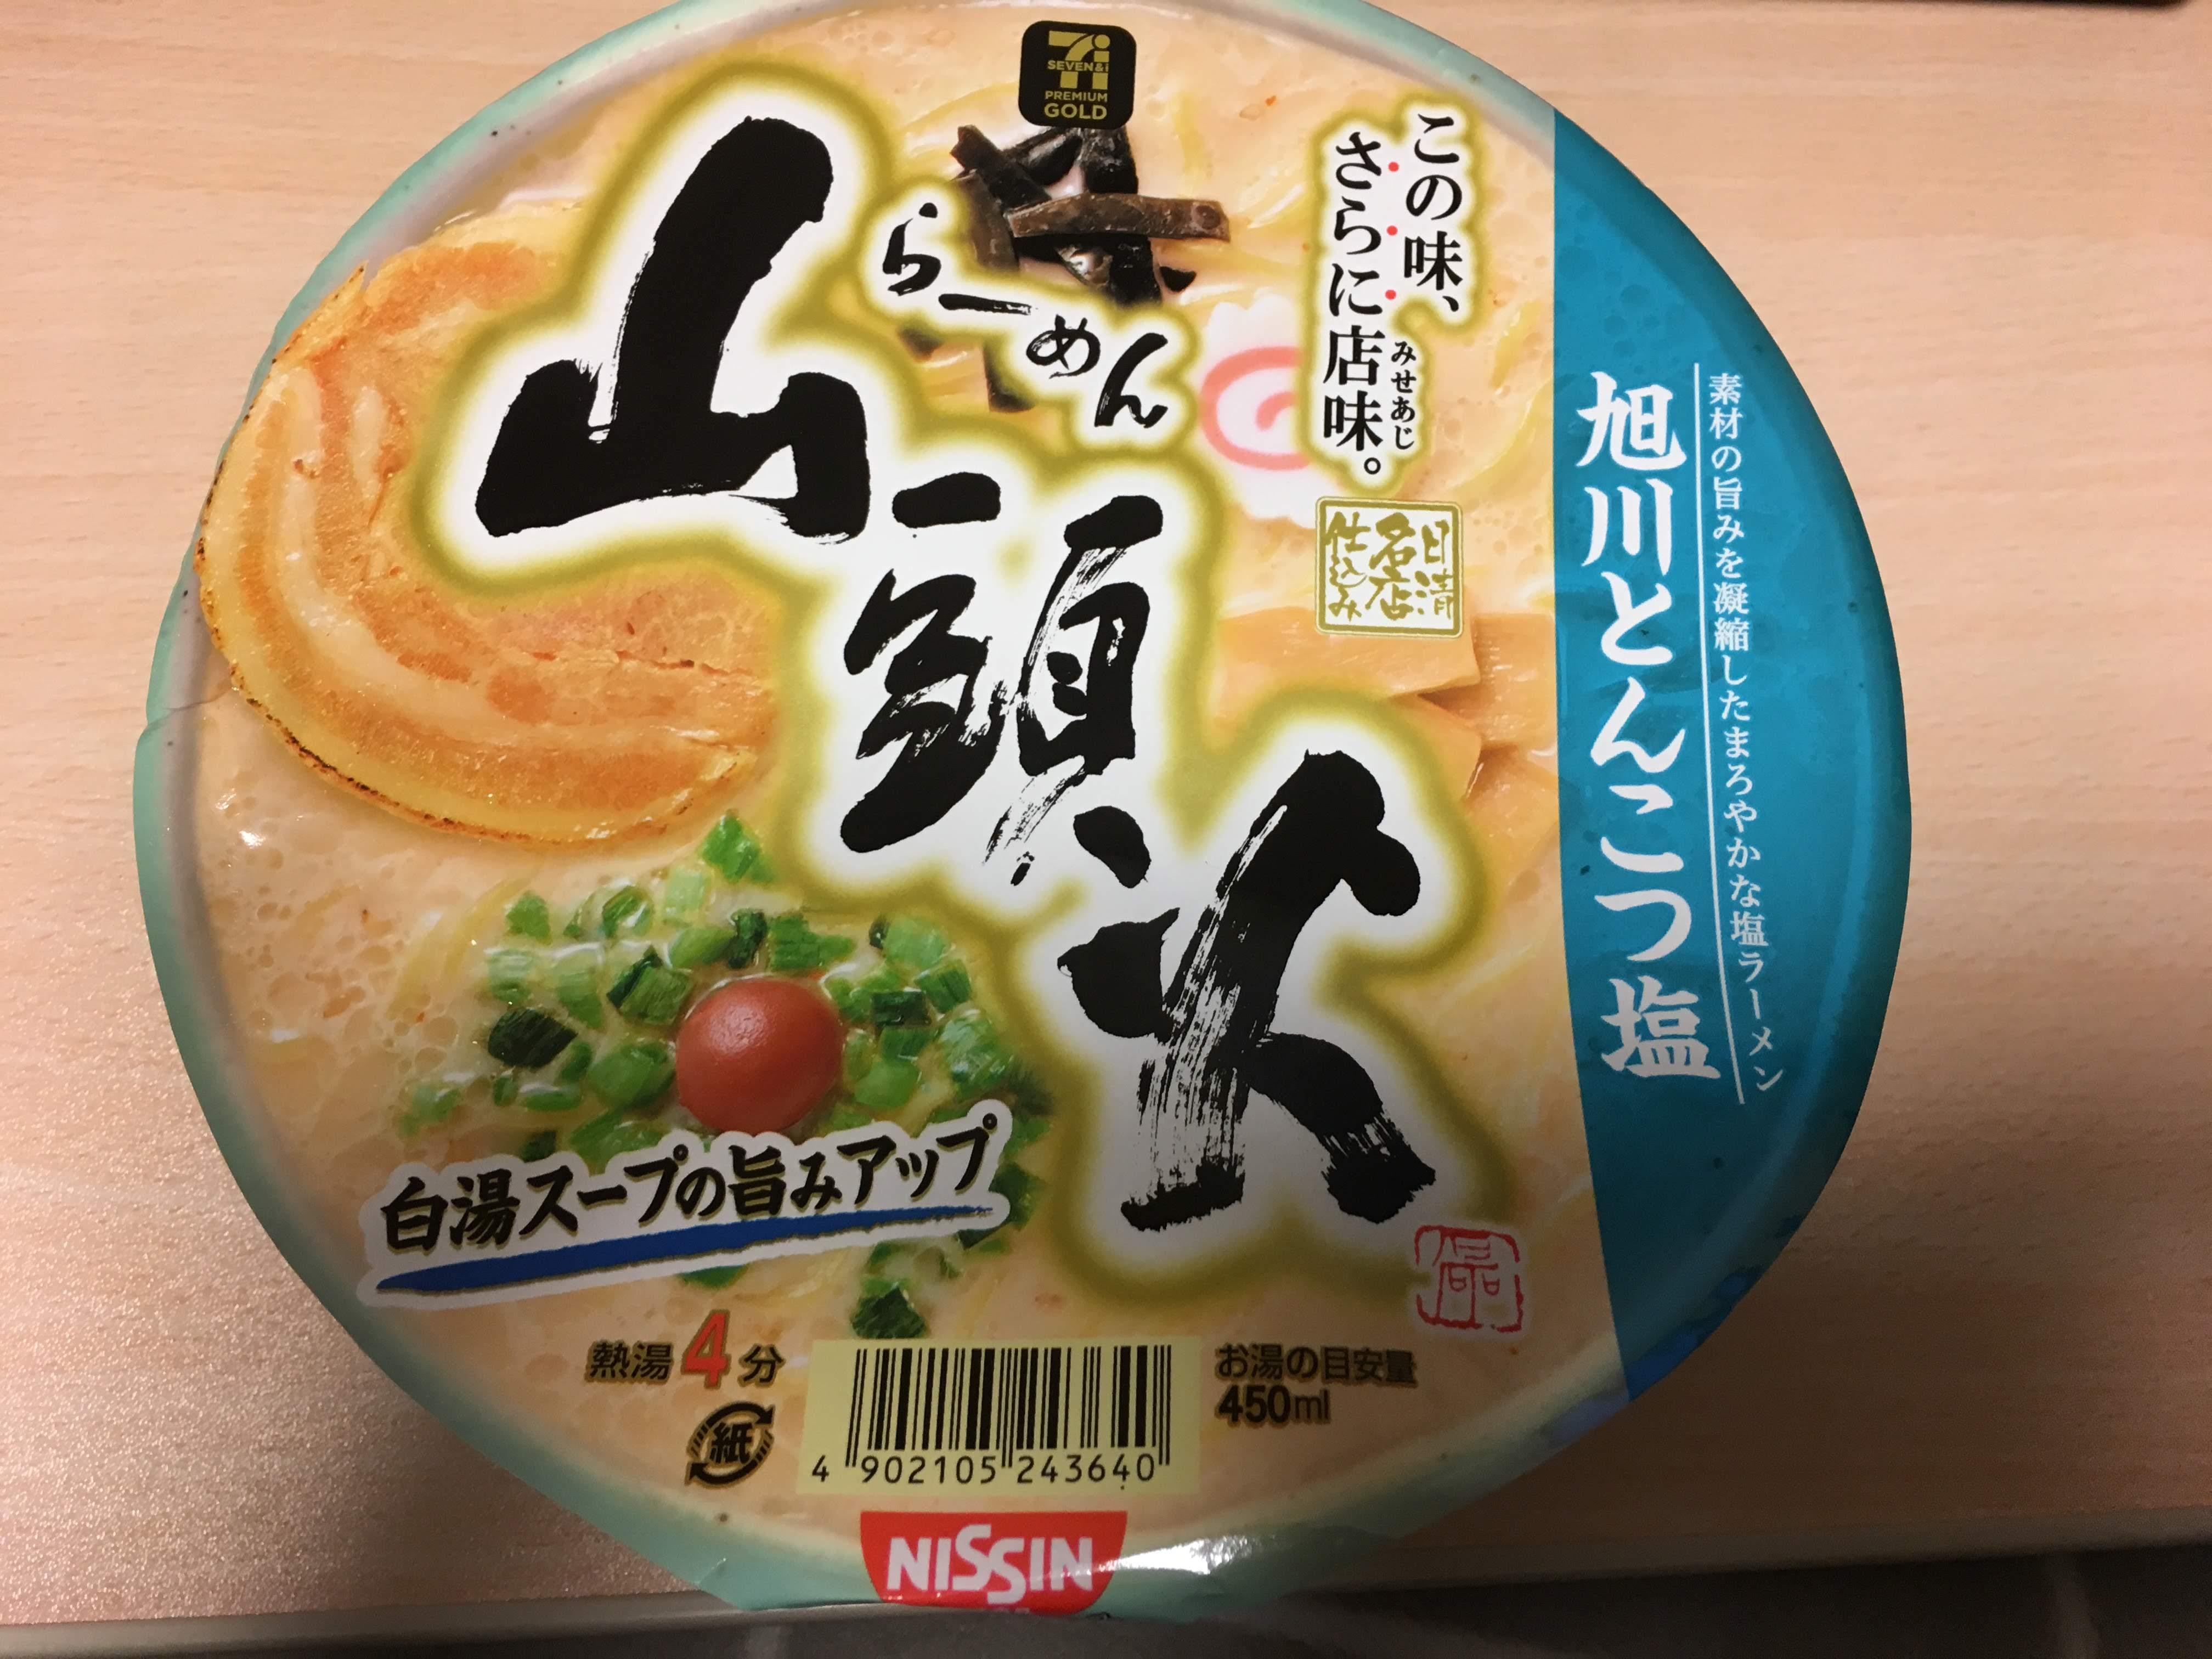 山頭火のカップ麺「旭川とんこつ塩」を食べてみた